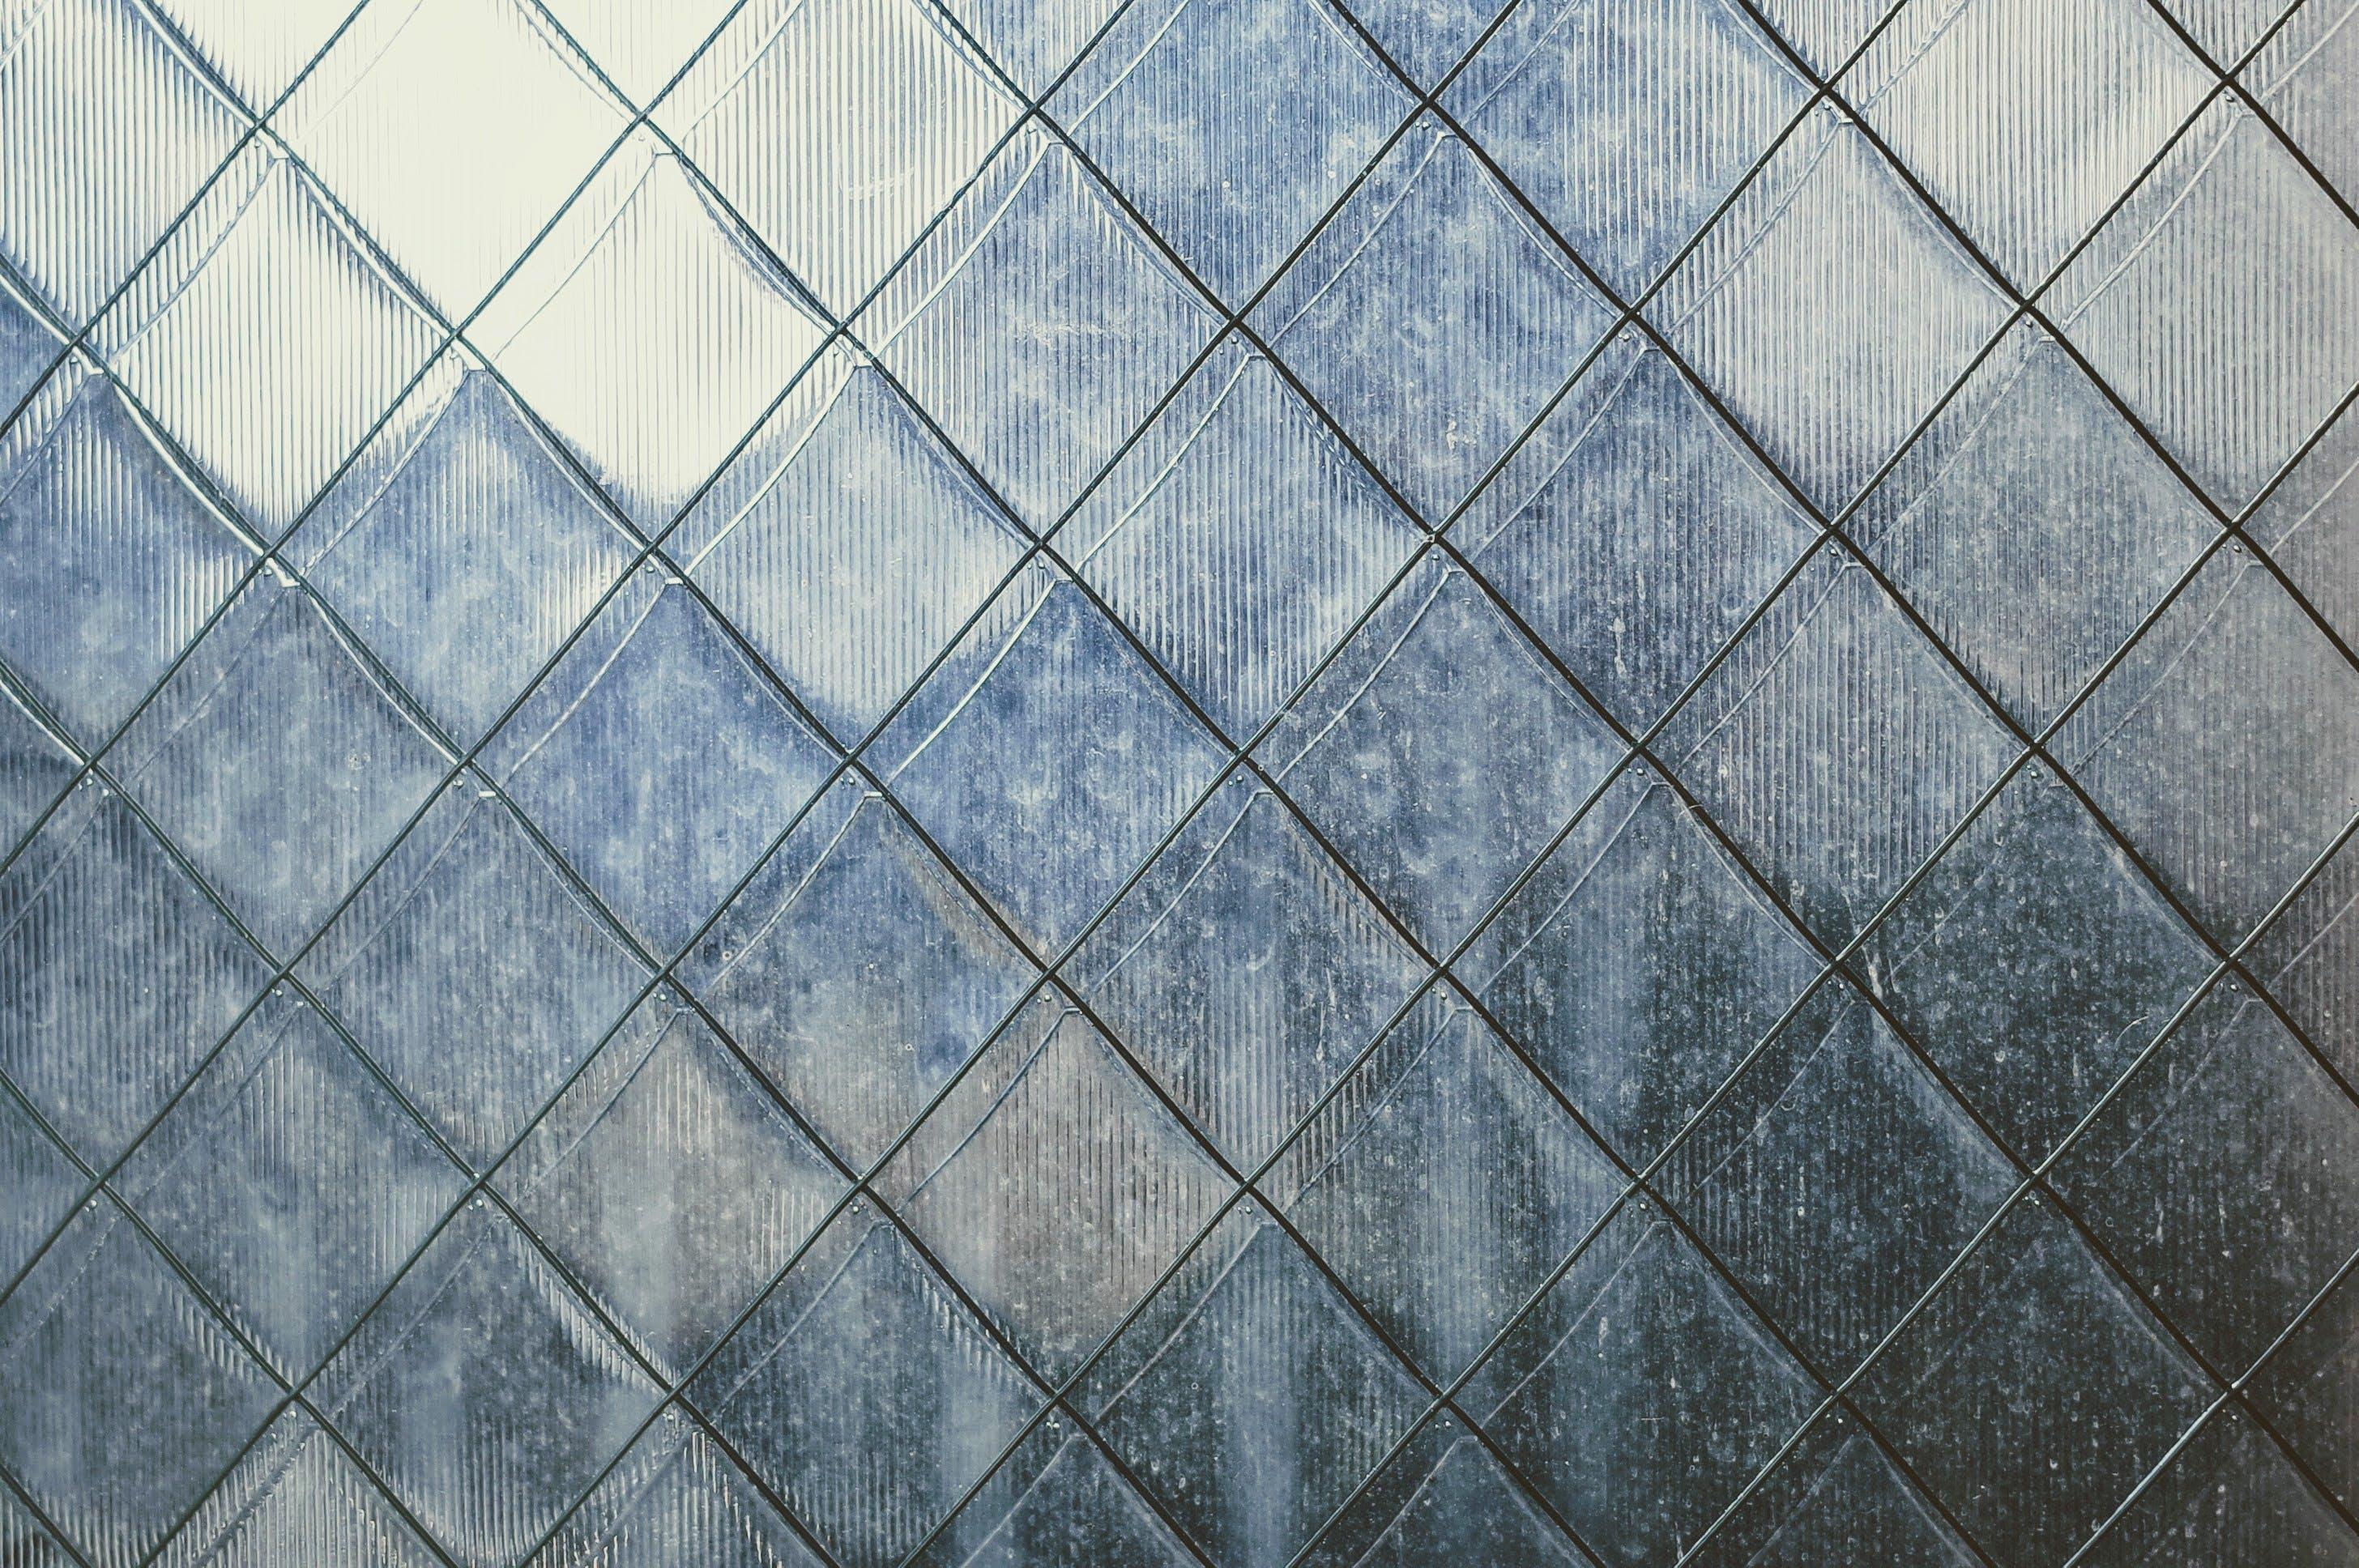 Kostenloses Stock Foto zu licht, kunst, muster, textur